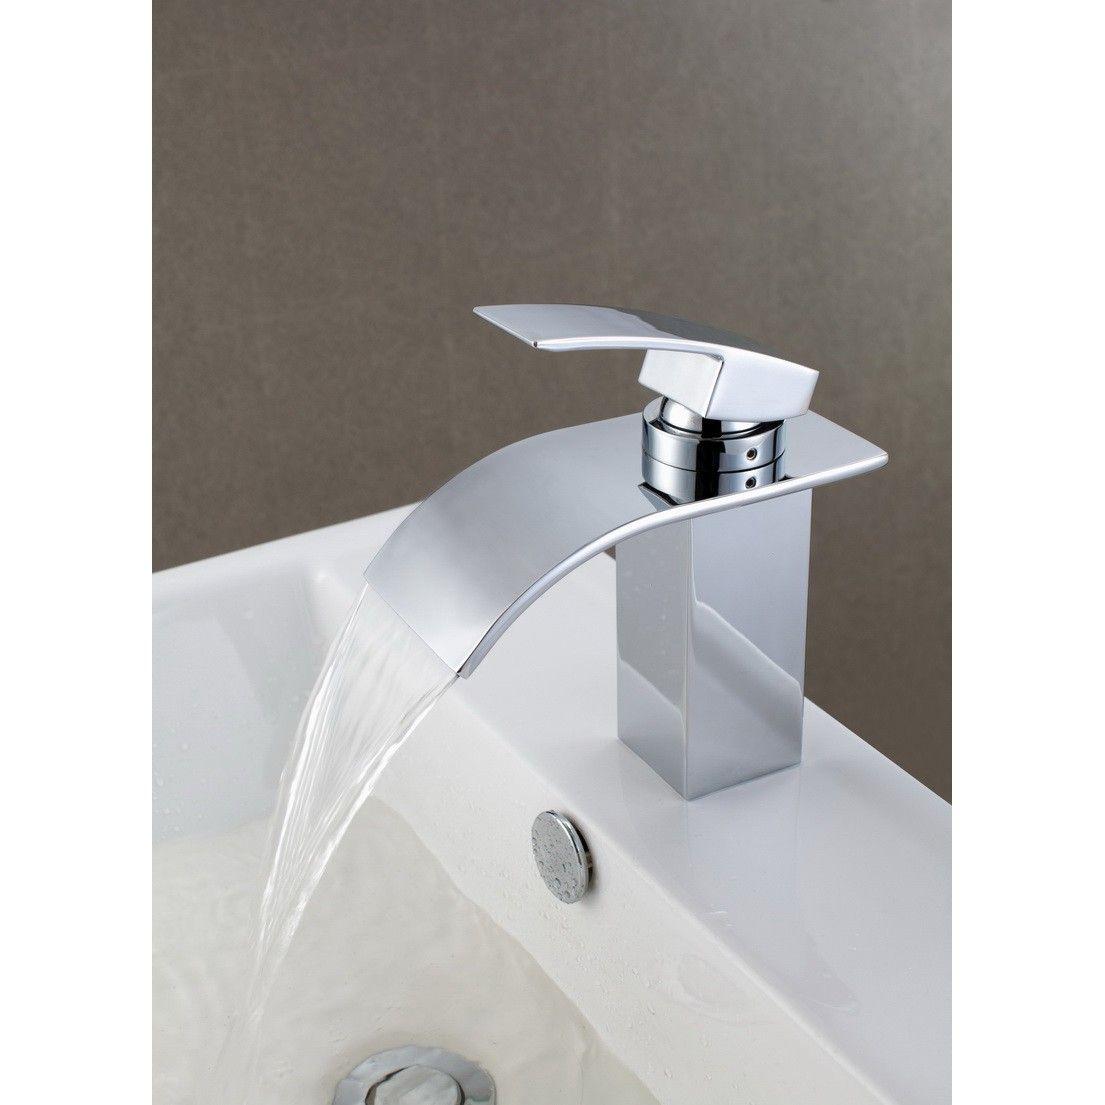 Zarter Wasserfall Armaturen Für Bad Waschbecken Mit